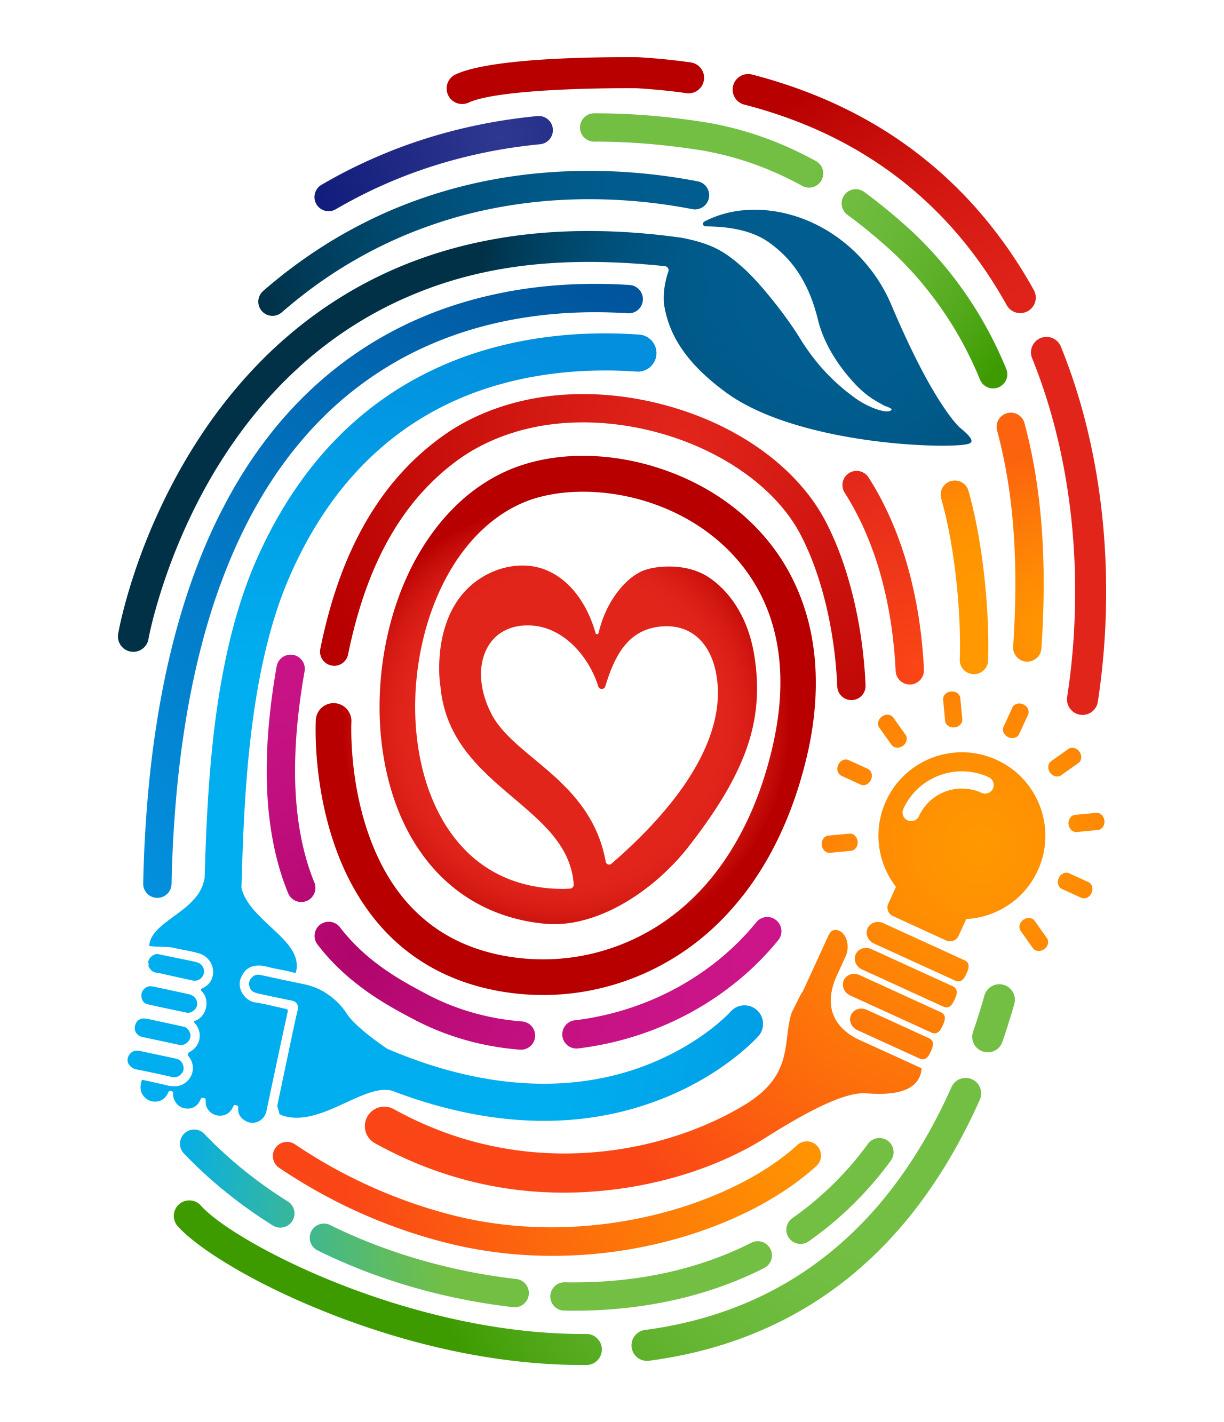 Our-Aboitiz-Values-Icon